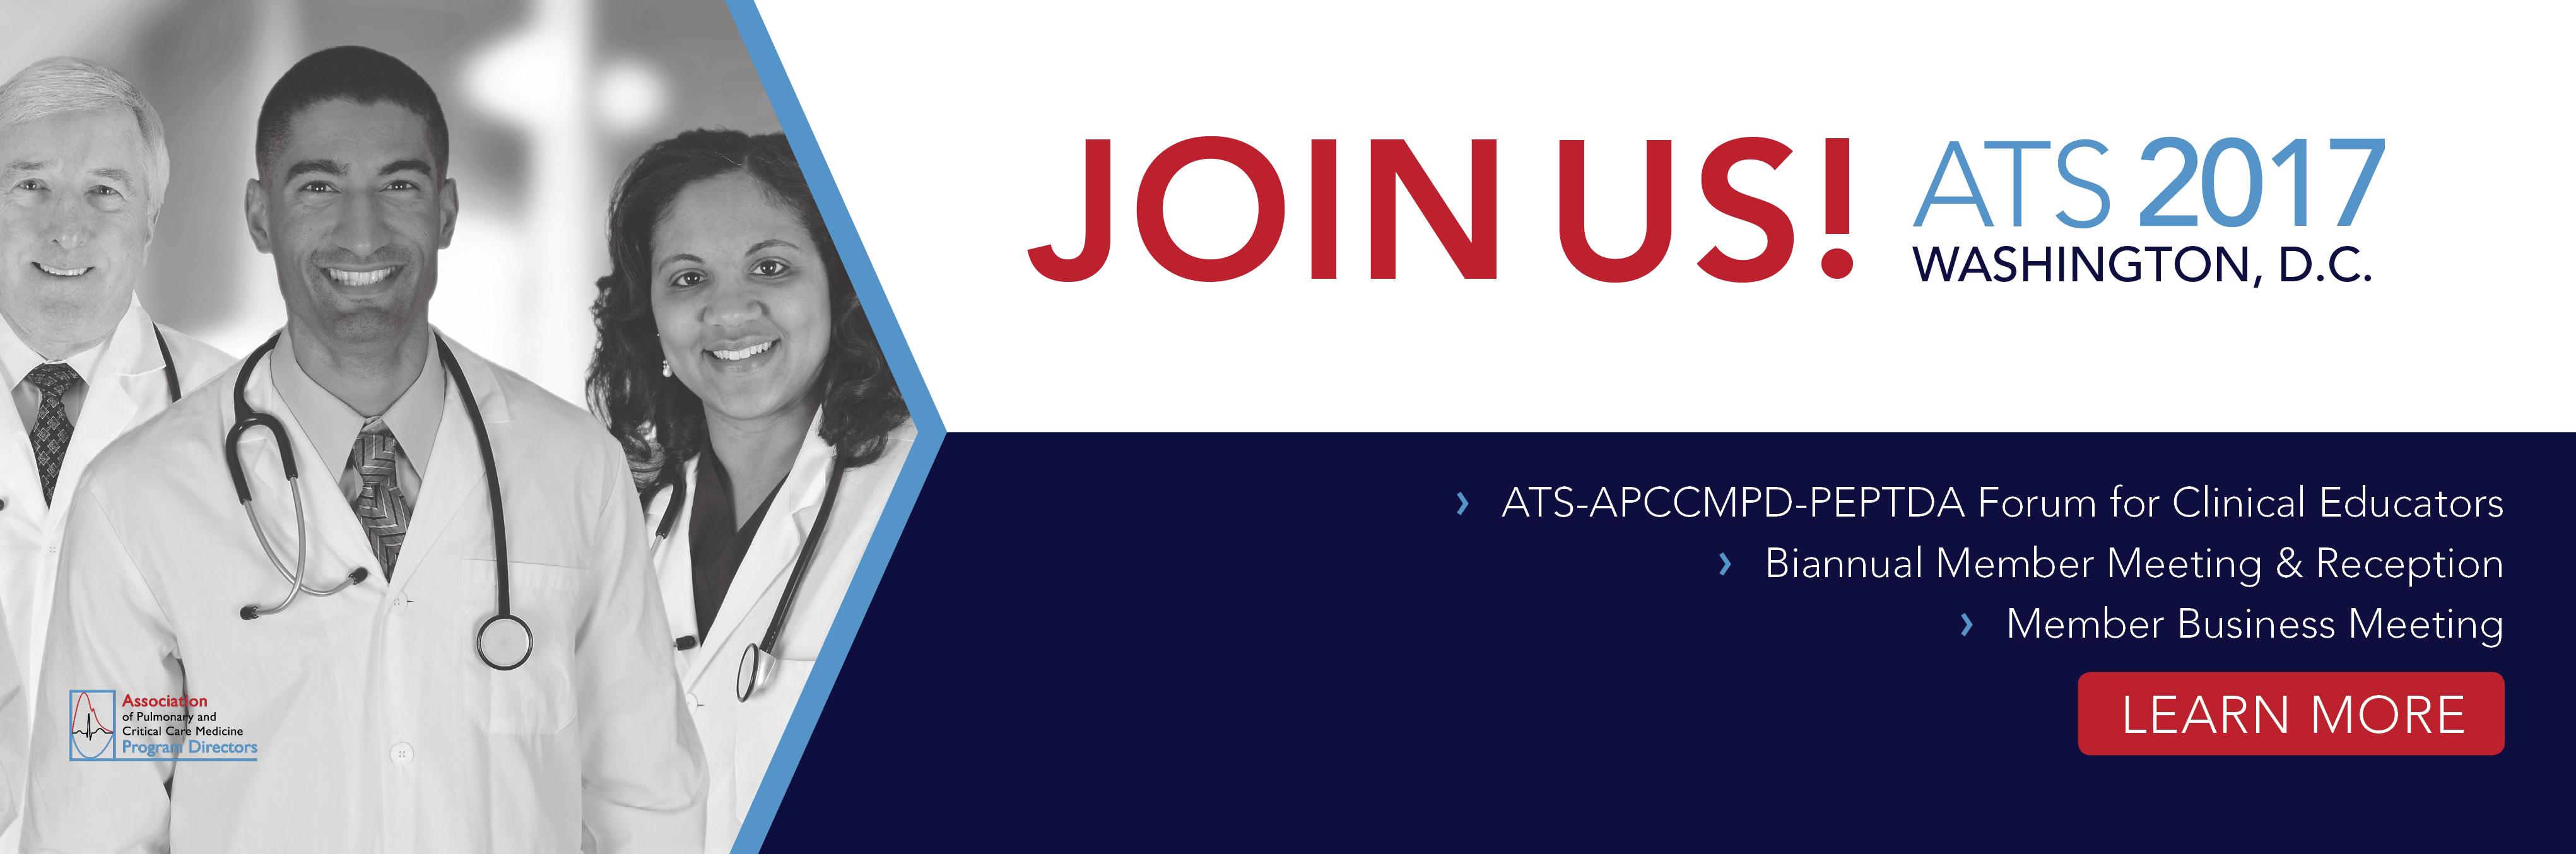 Join Us at ATS 2017